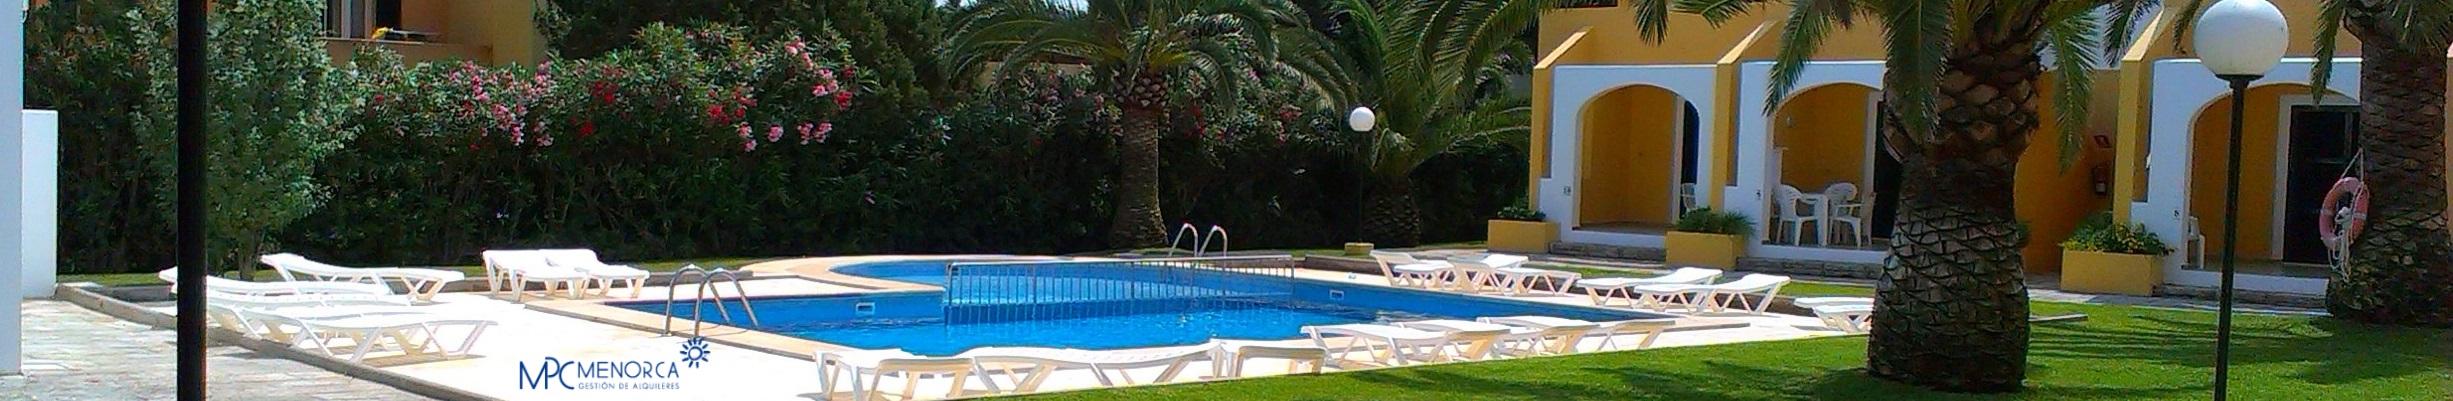 Jardín Costa Menorca - Menorca MPC